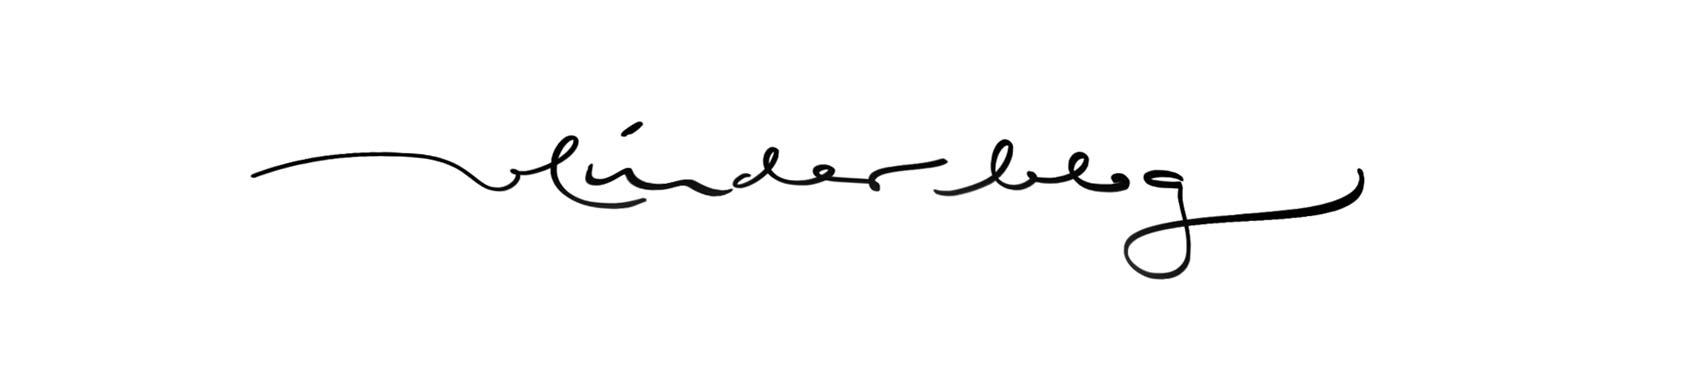 Vlinder blog